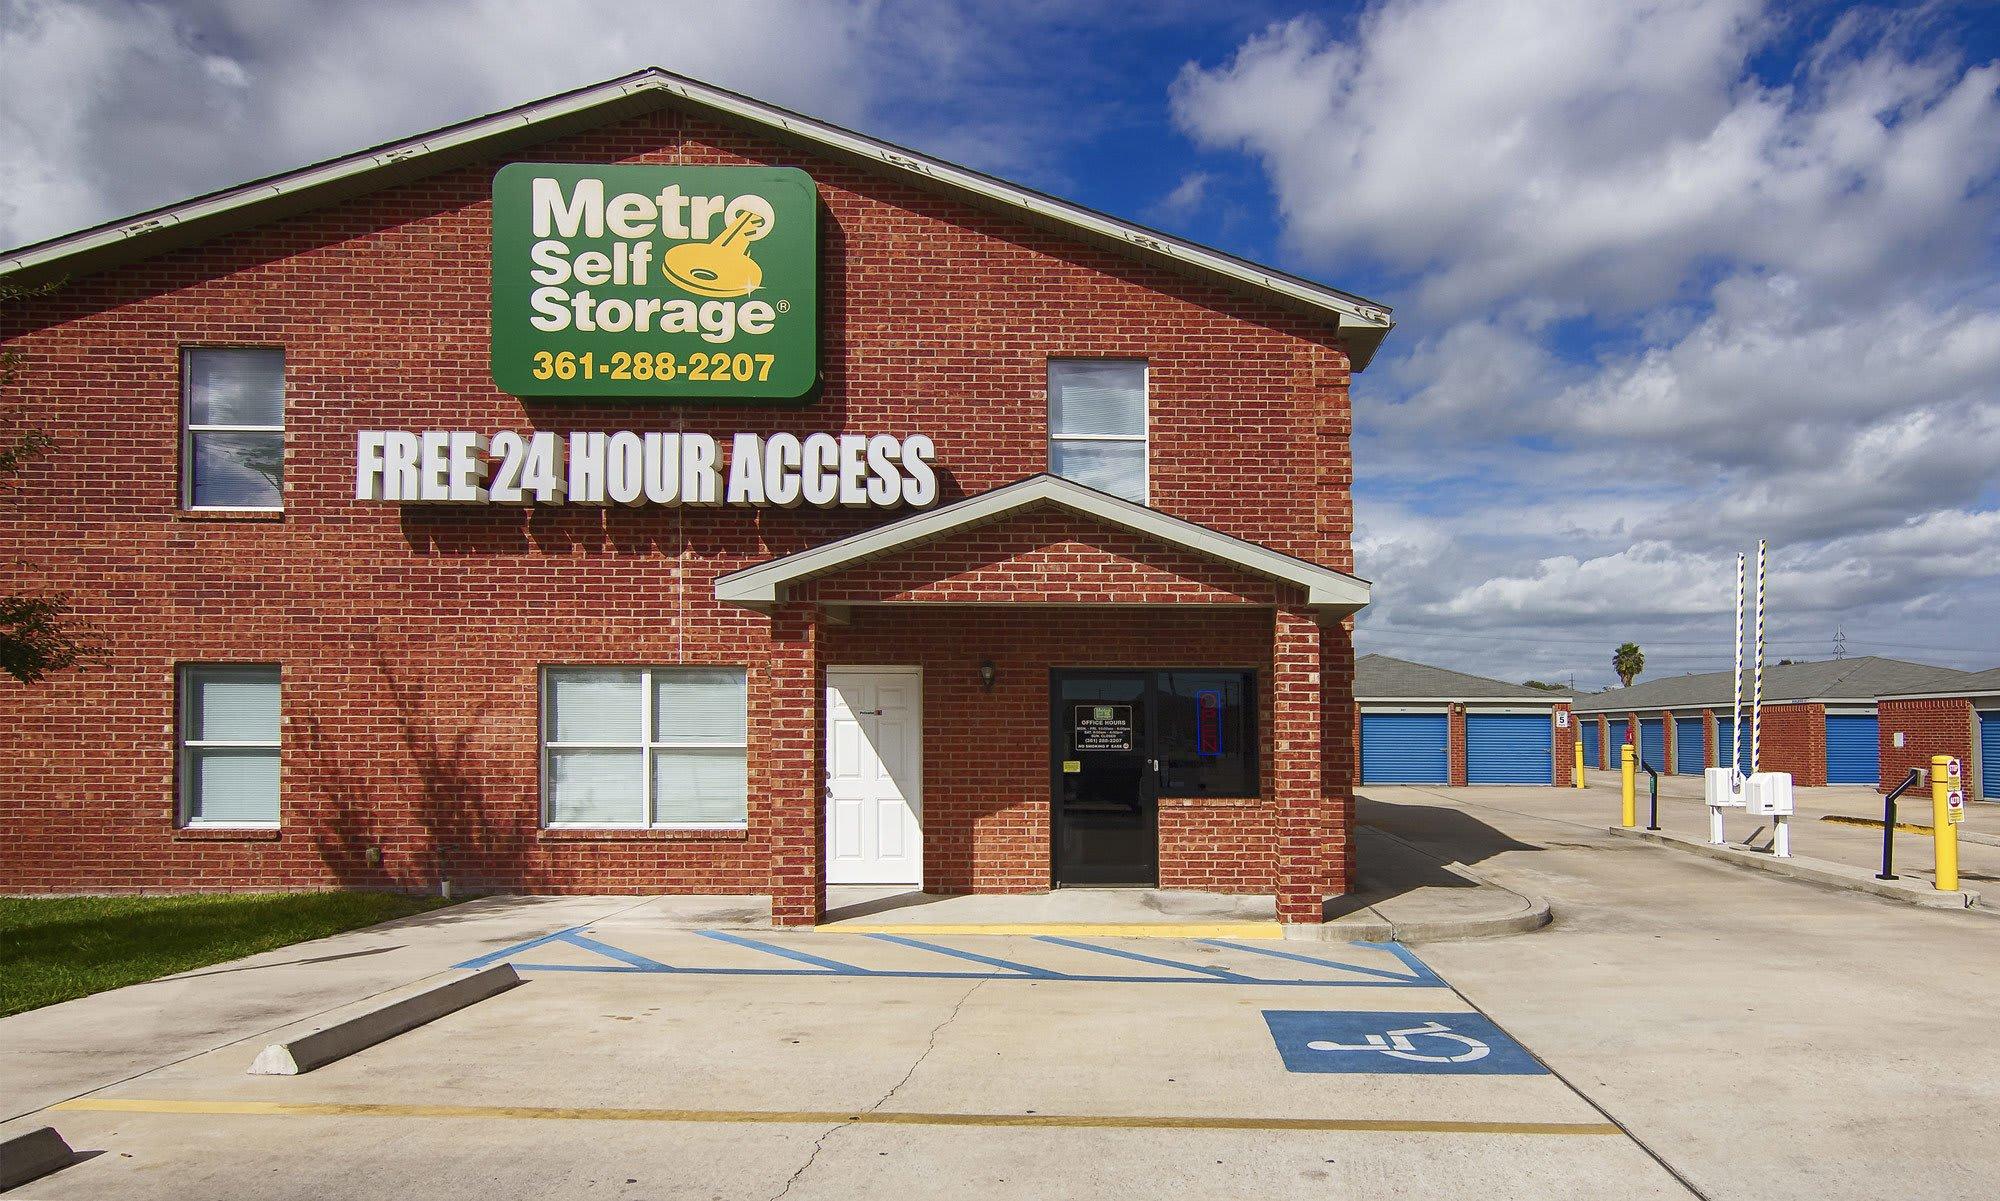 Metro Self Storage in El Paso, TX